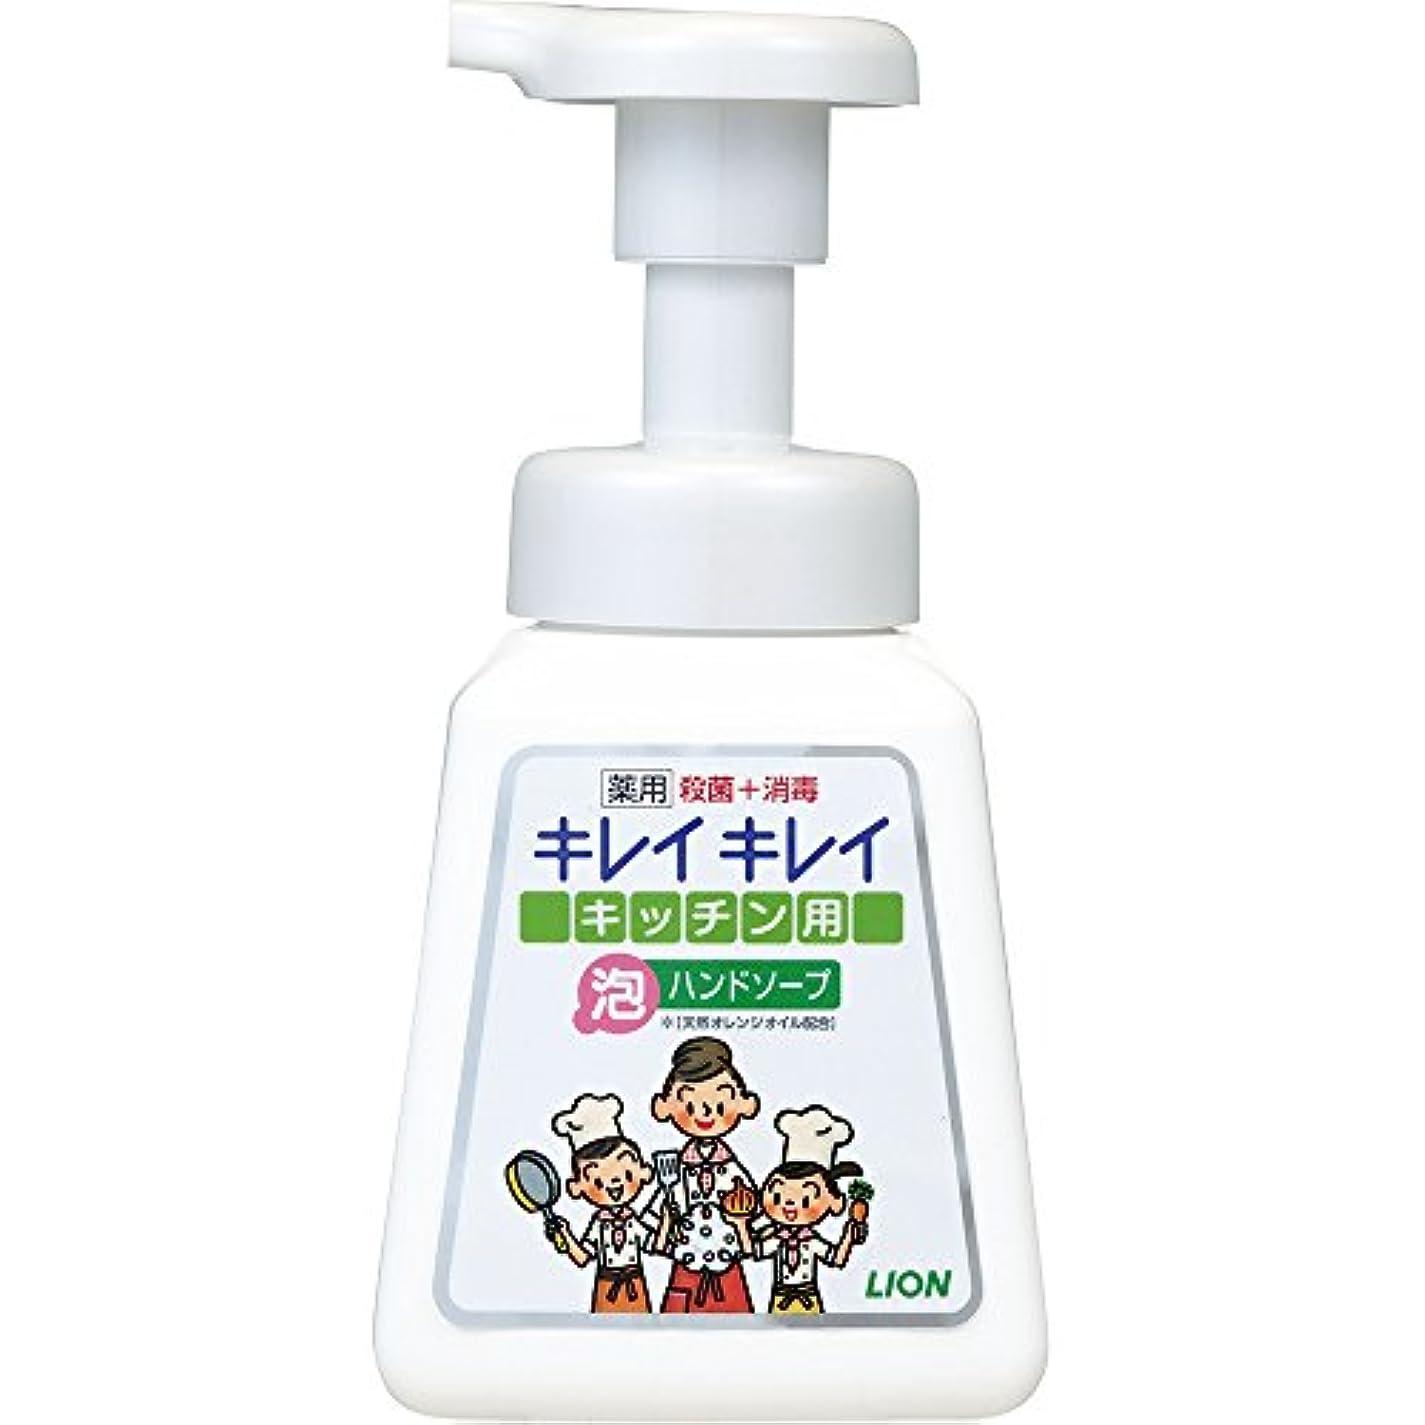 ラメアノイ緩めるキレイキレイ 薬用 キッチン泡ハンドソープ 本体ポンプ 230ml(医薬部外品)